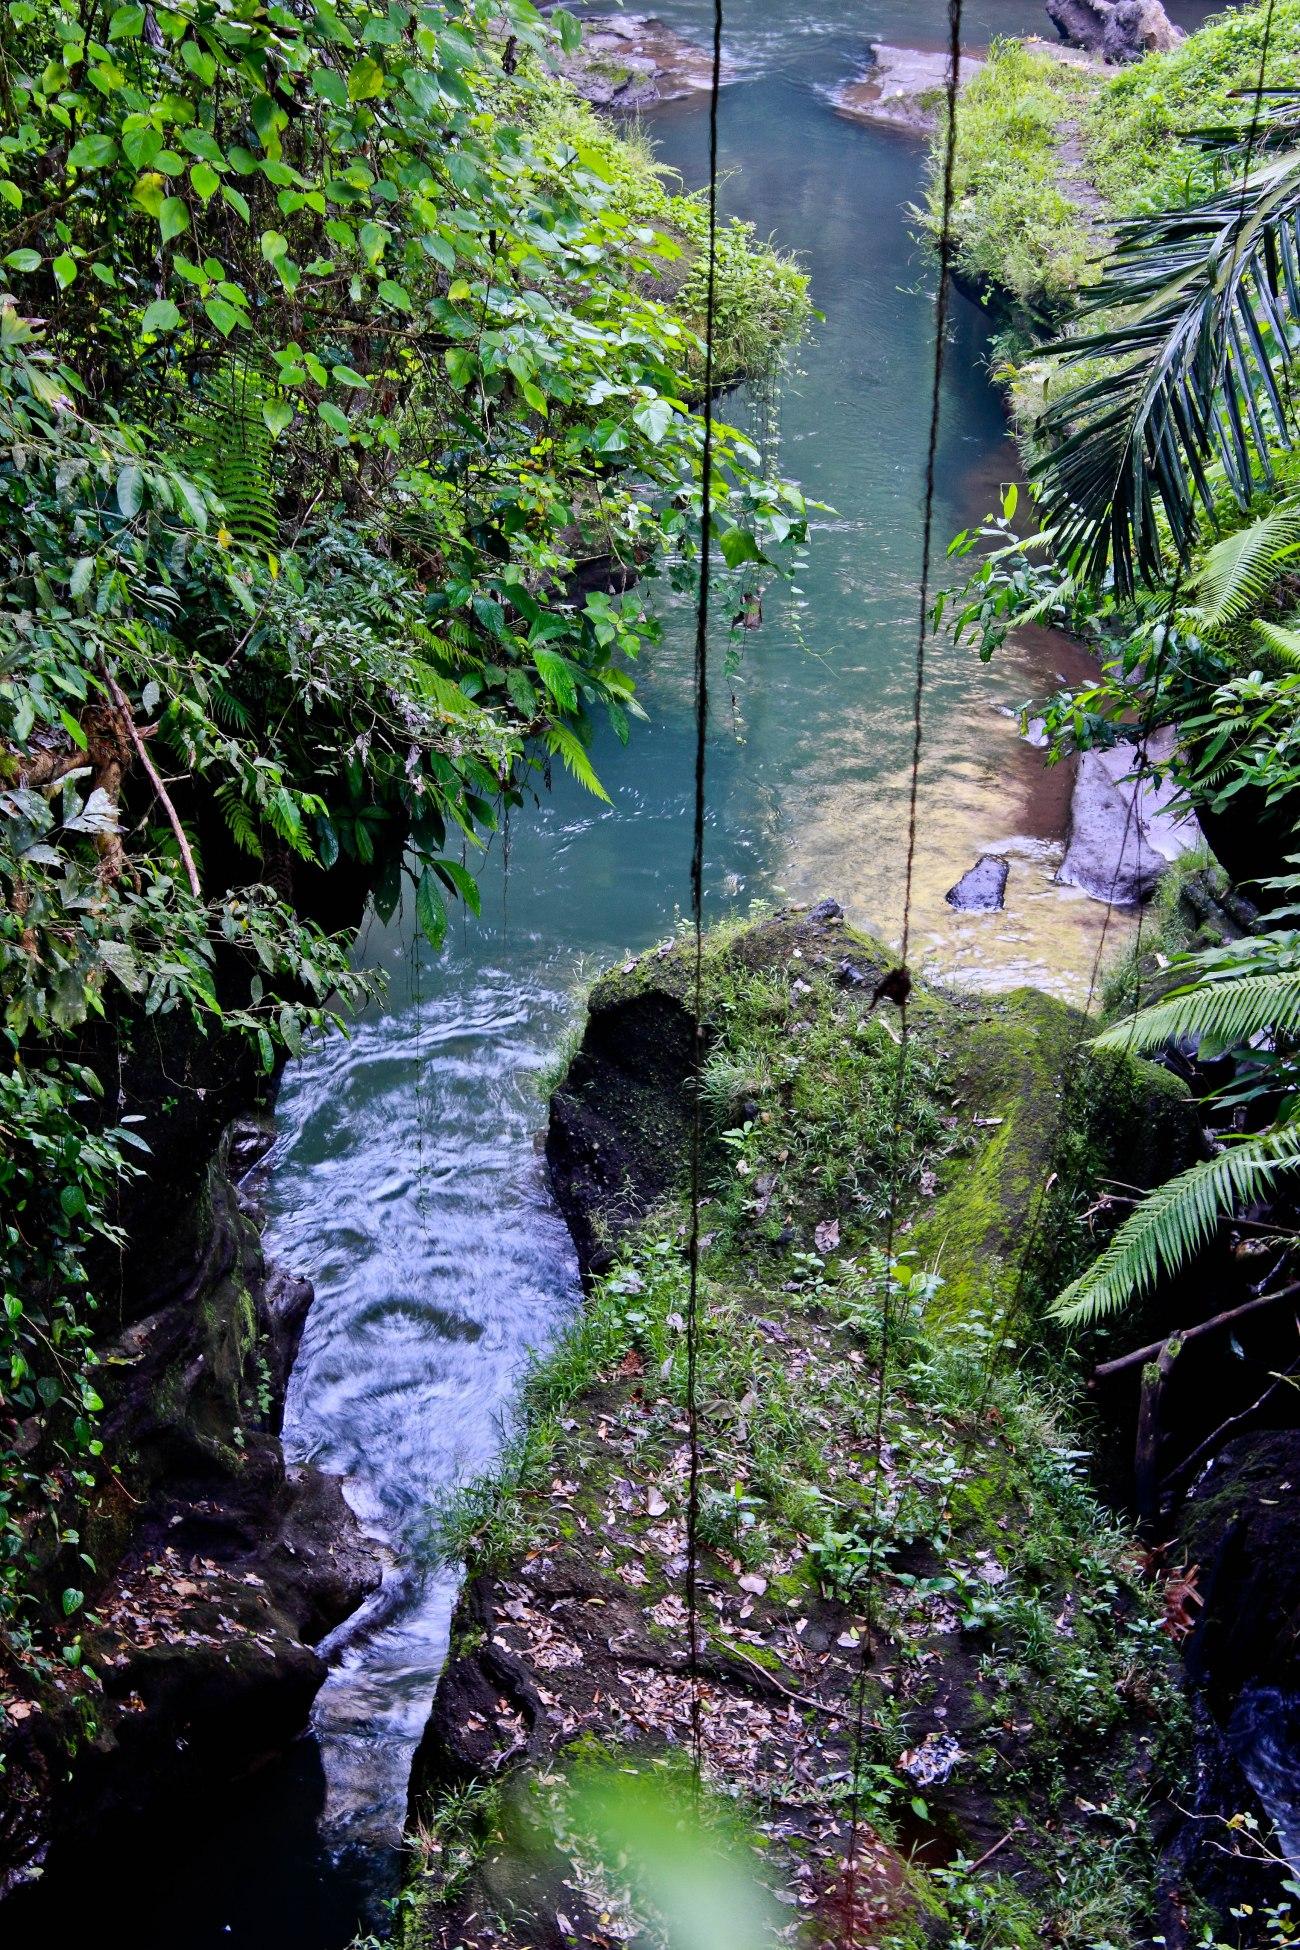 Di jam-jam tertentu kali ini digunakan untuk mandi dan nyuci. Pada jaman Bali masih perawan sekali, mungkin kita bisa melihat gadis-gadis itu mandi di sini, dan saya pun pasti akan ikut mandi. Rrrrr!